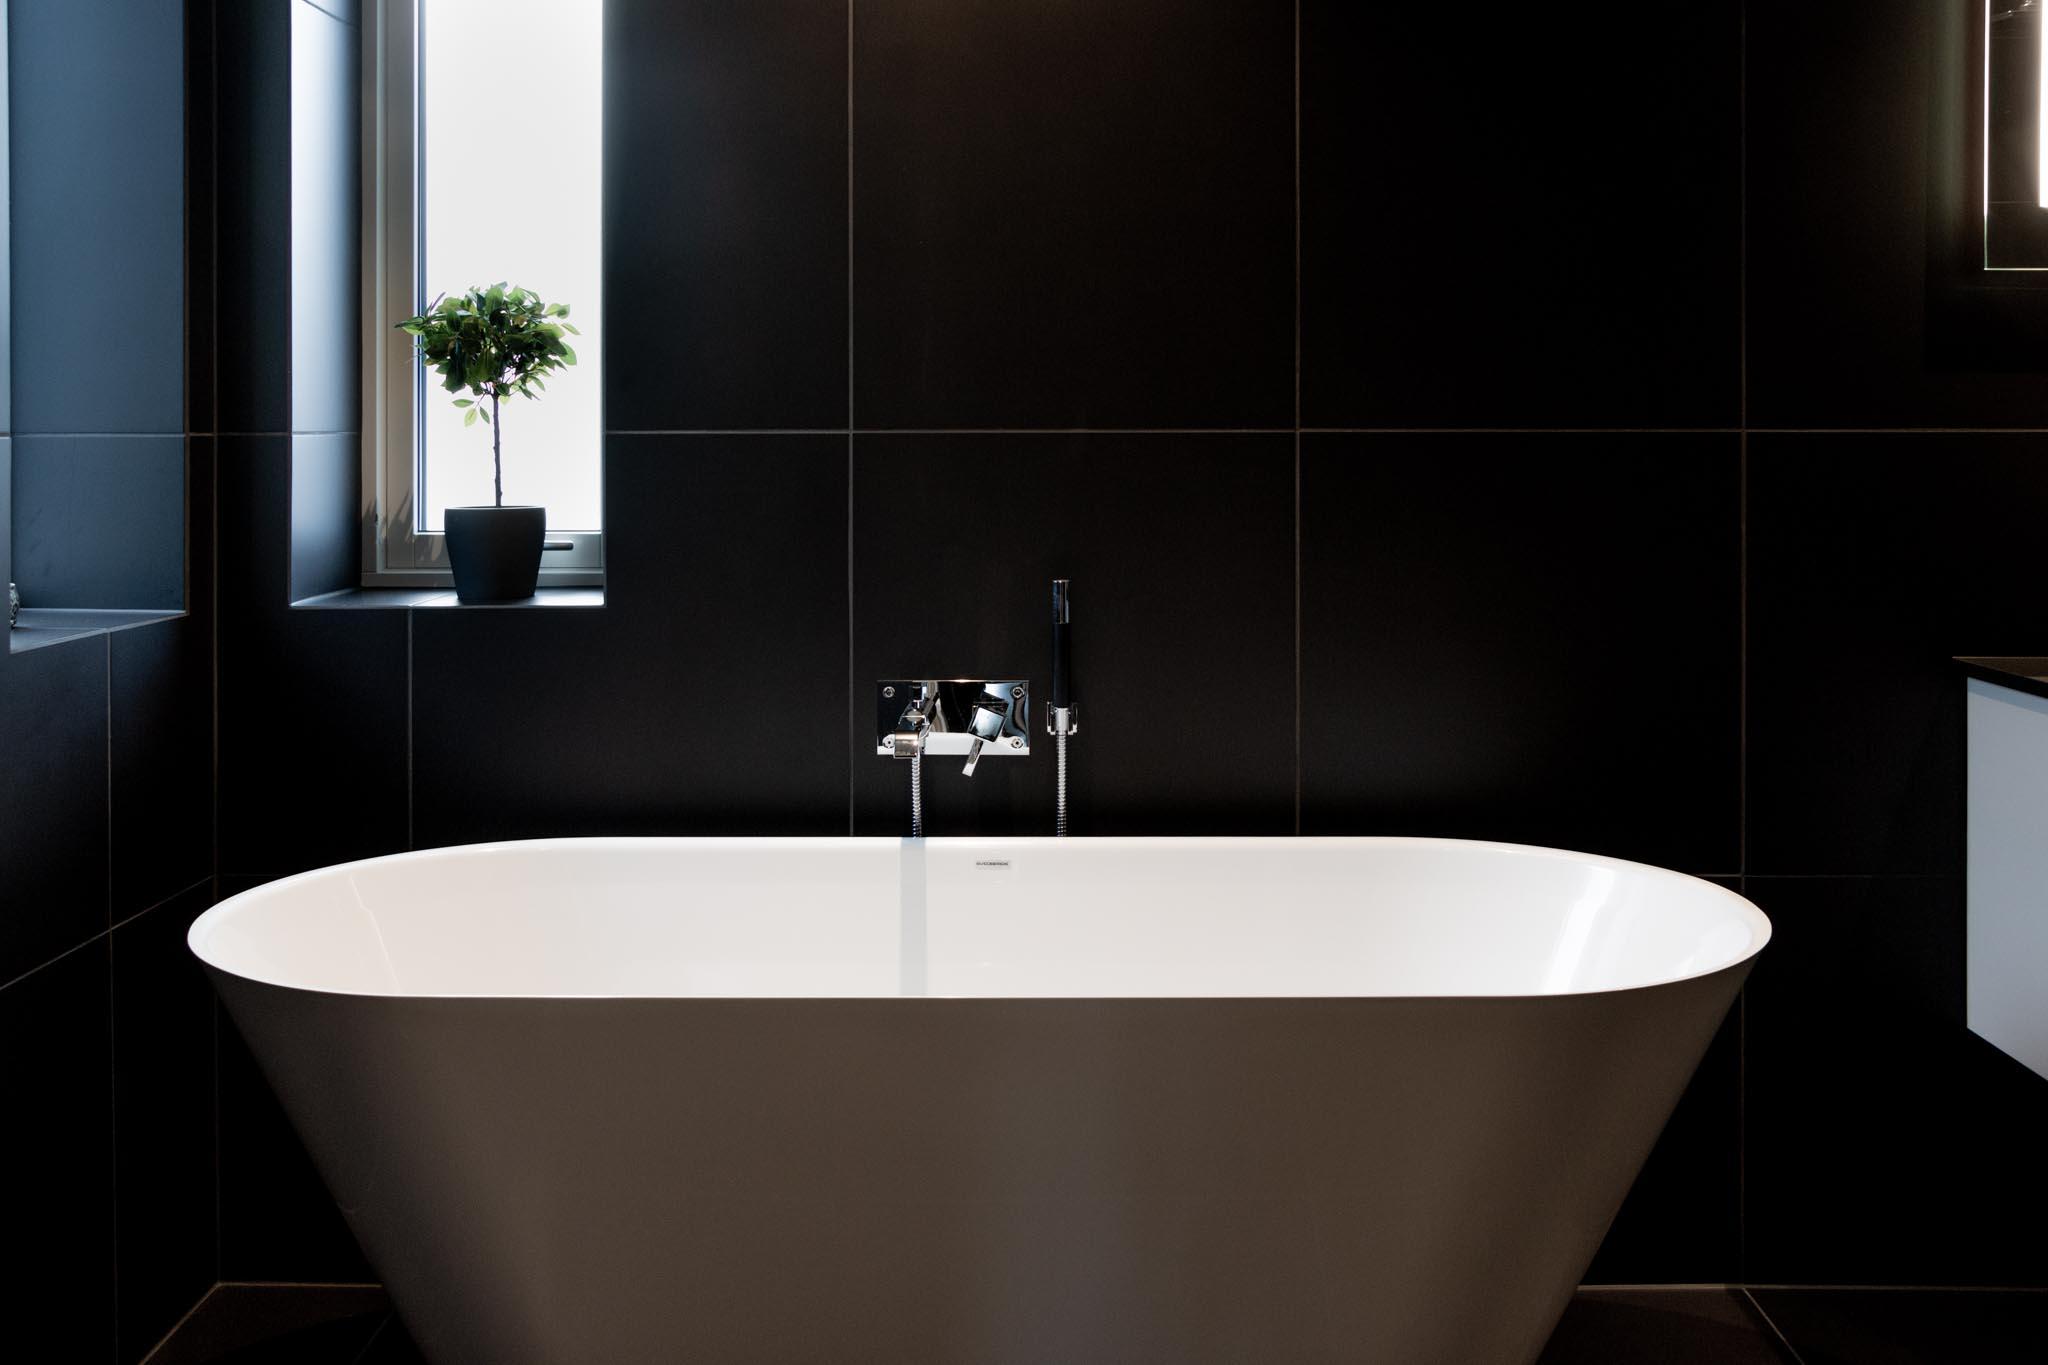 Nyoppusset bad med stilige baderomsmøbler, speil med lys og åpen løsning